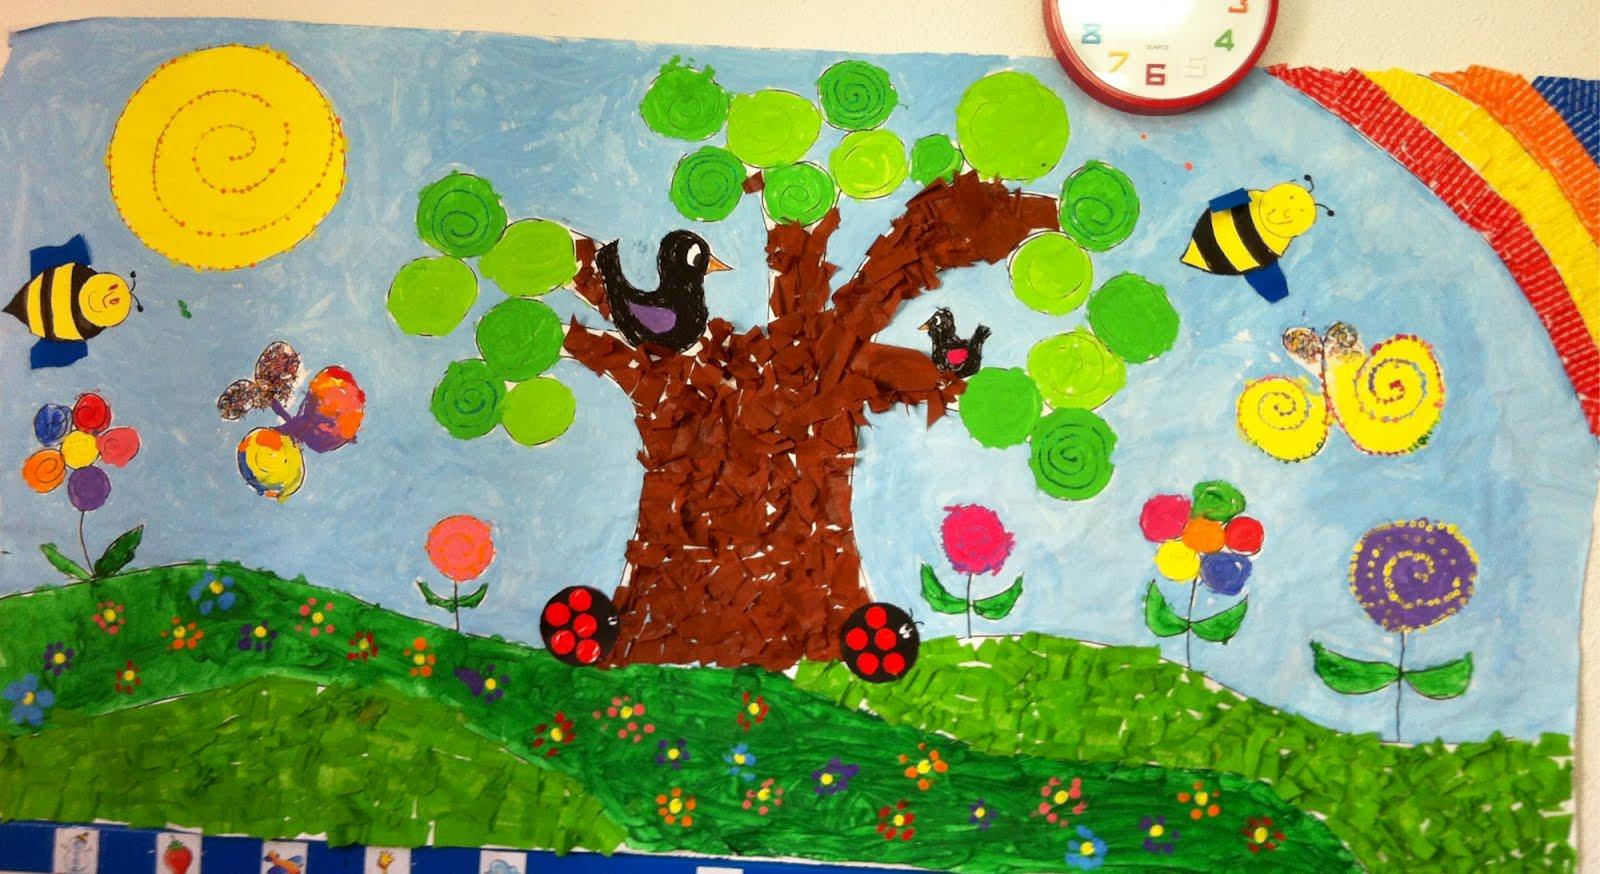 Murales primavera 4 imagenes educativas for Murales infantiles para preescolar